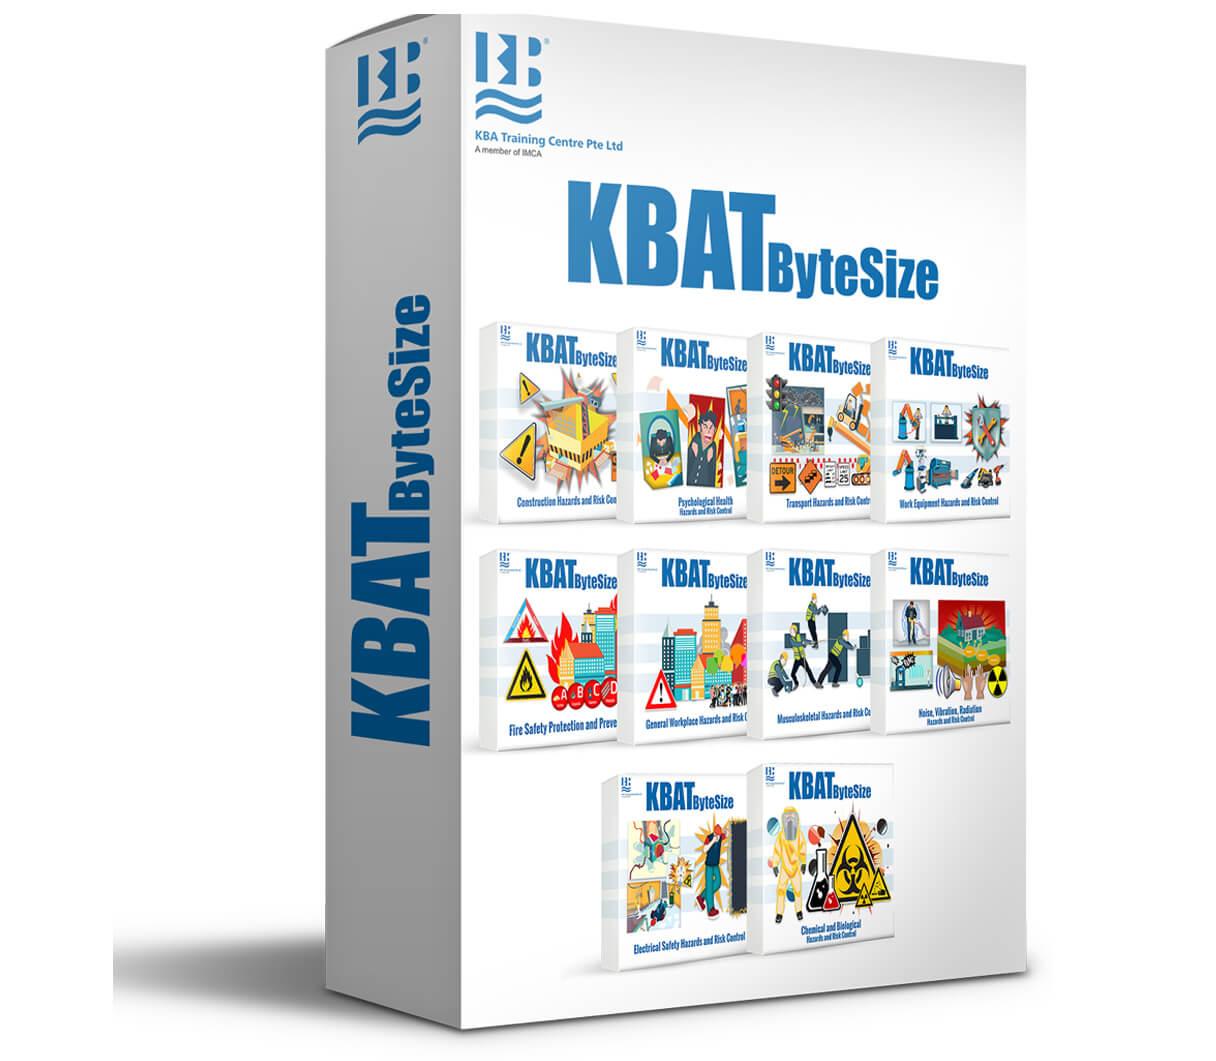 Accredited Safety Training Elearning   KBA Training